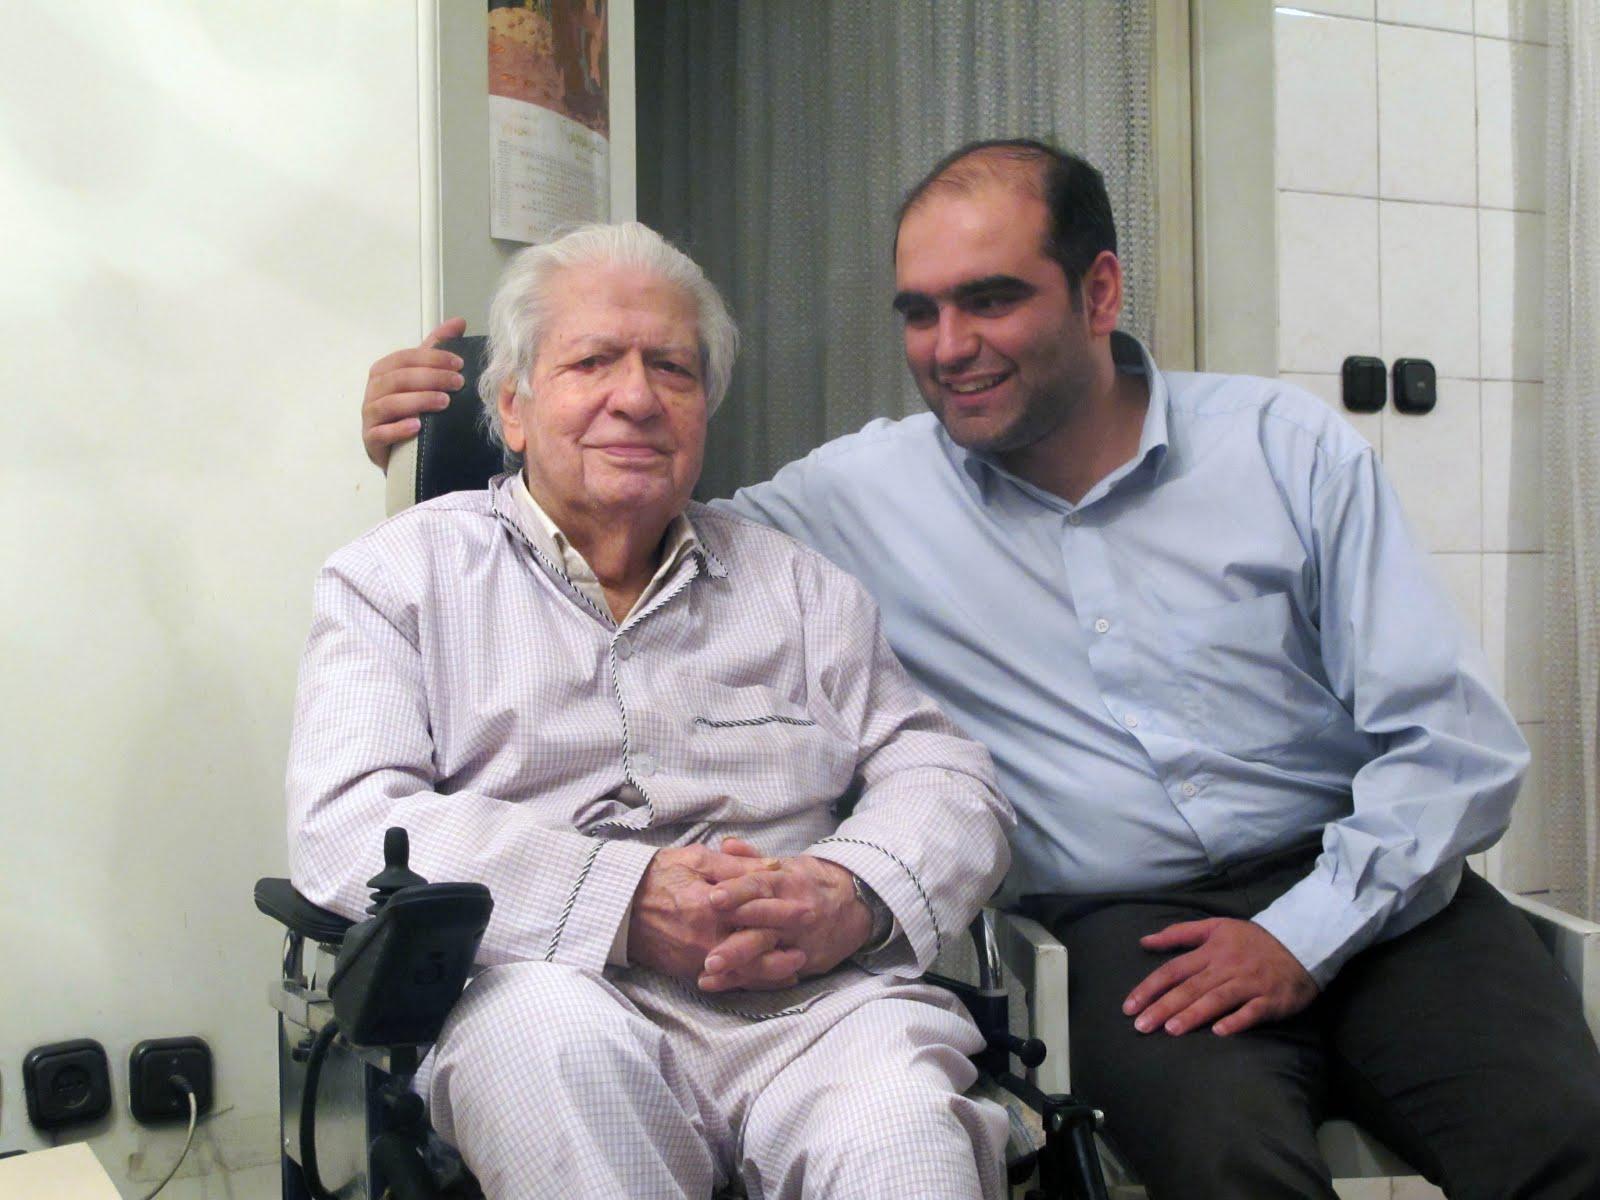 تاریخ شفاهی گیلان      خاطرات حسن محصصی از فعالان سیاسی لاهیجان در دههی بیست خورشیدی